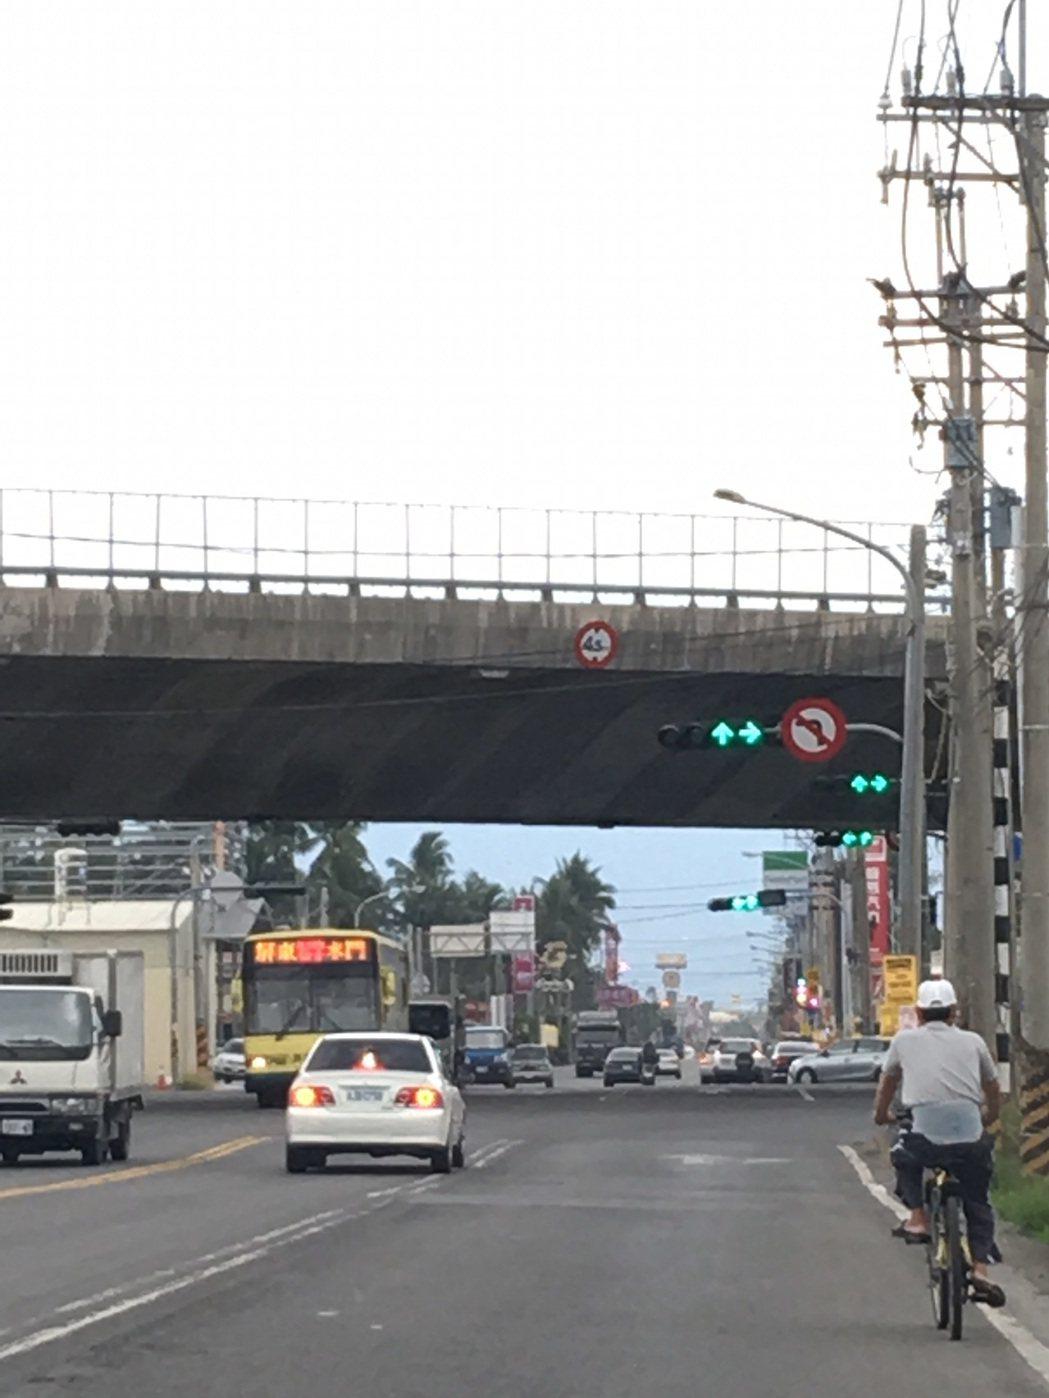 南二高台廿四線左轉號誌是綠燈,往長治鄉及屏東市也是直行車也是綠燈,容易誤判,發生...